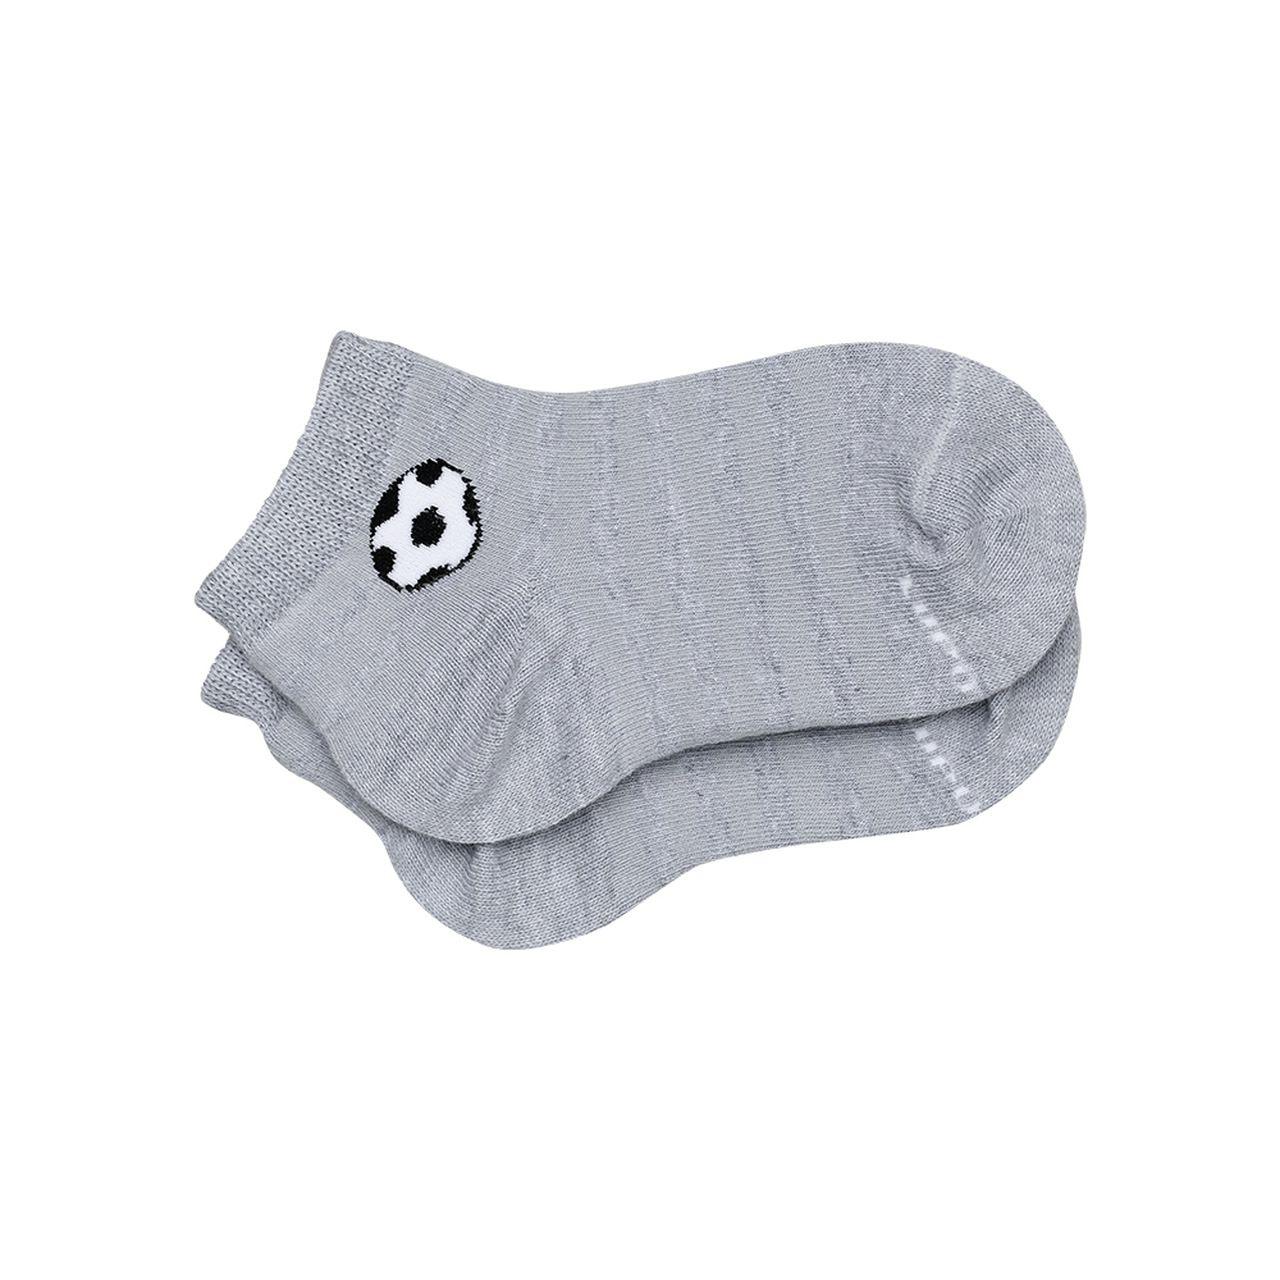 Meia infantil menino listrada cano médio bola futebol